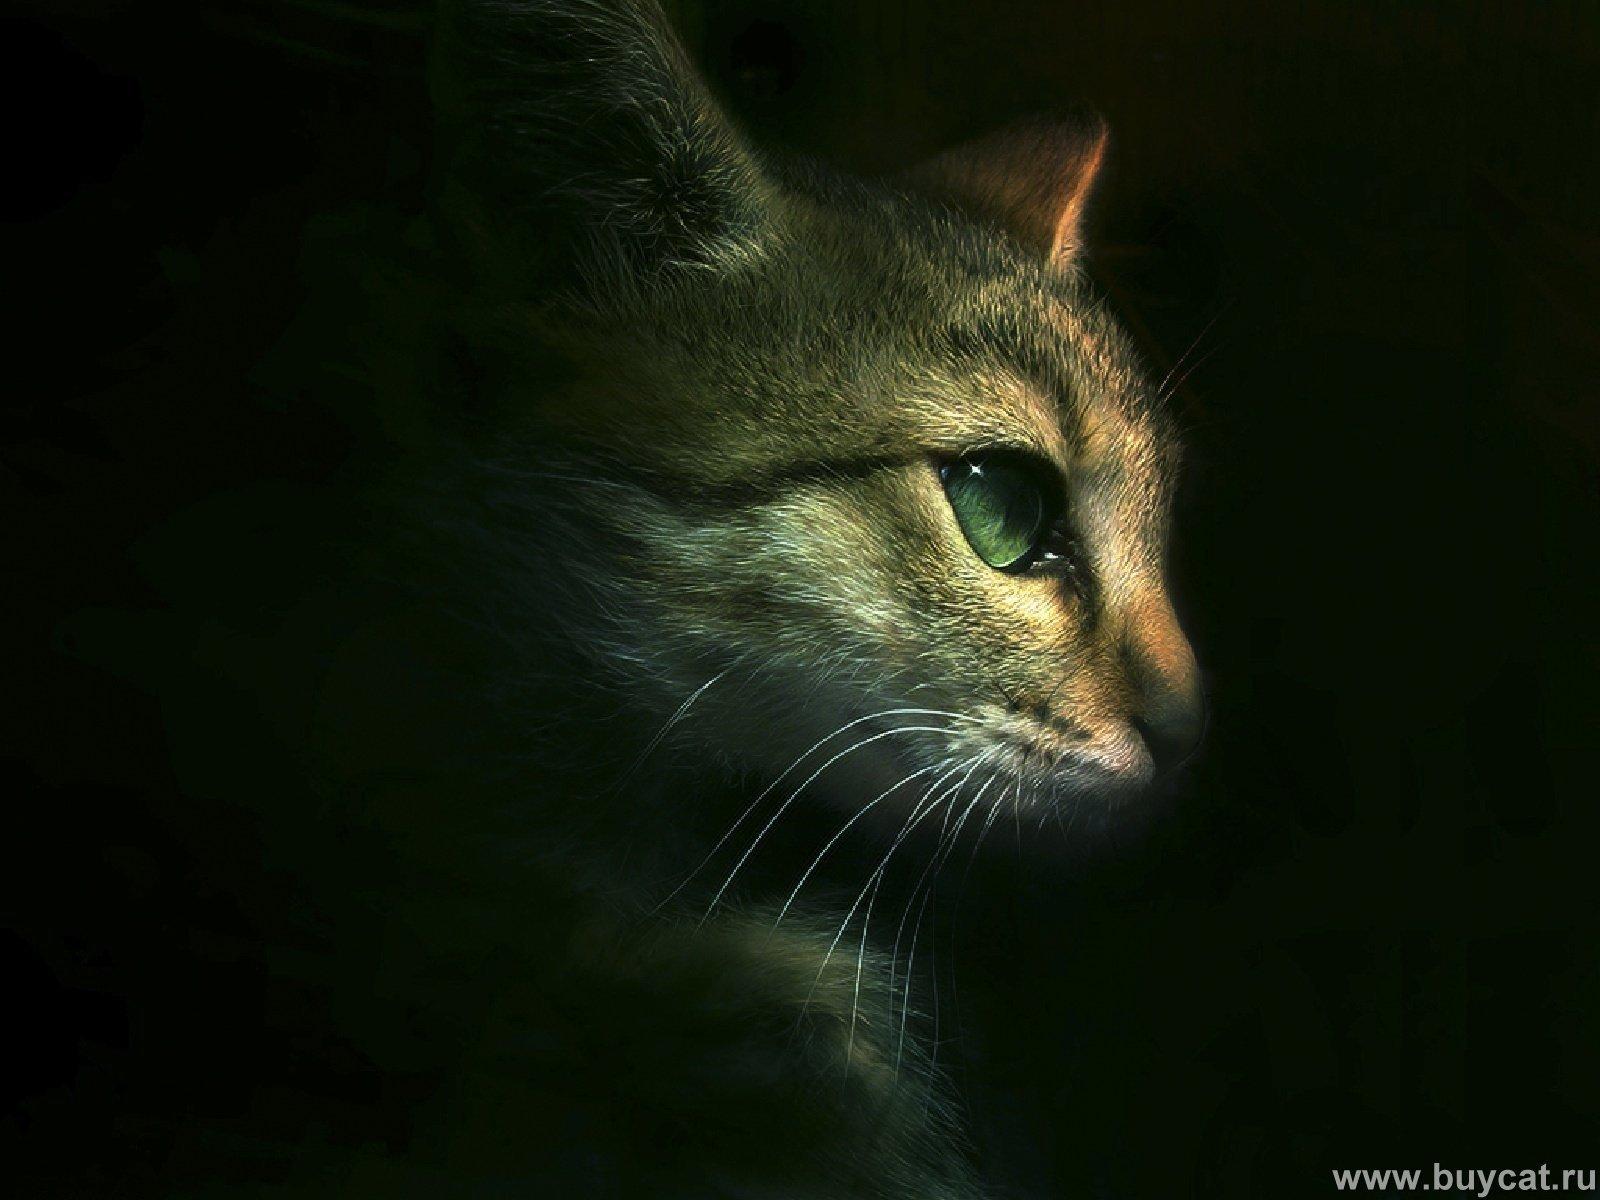 Funny Cats - Cats Wallpaper (9474183) - Fanpop